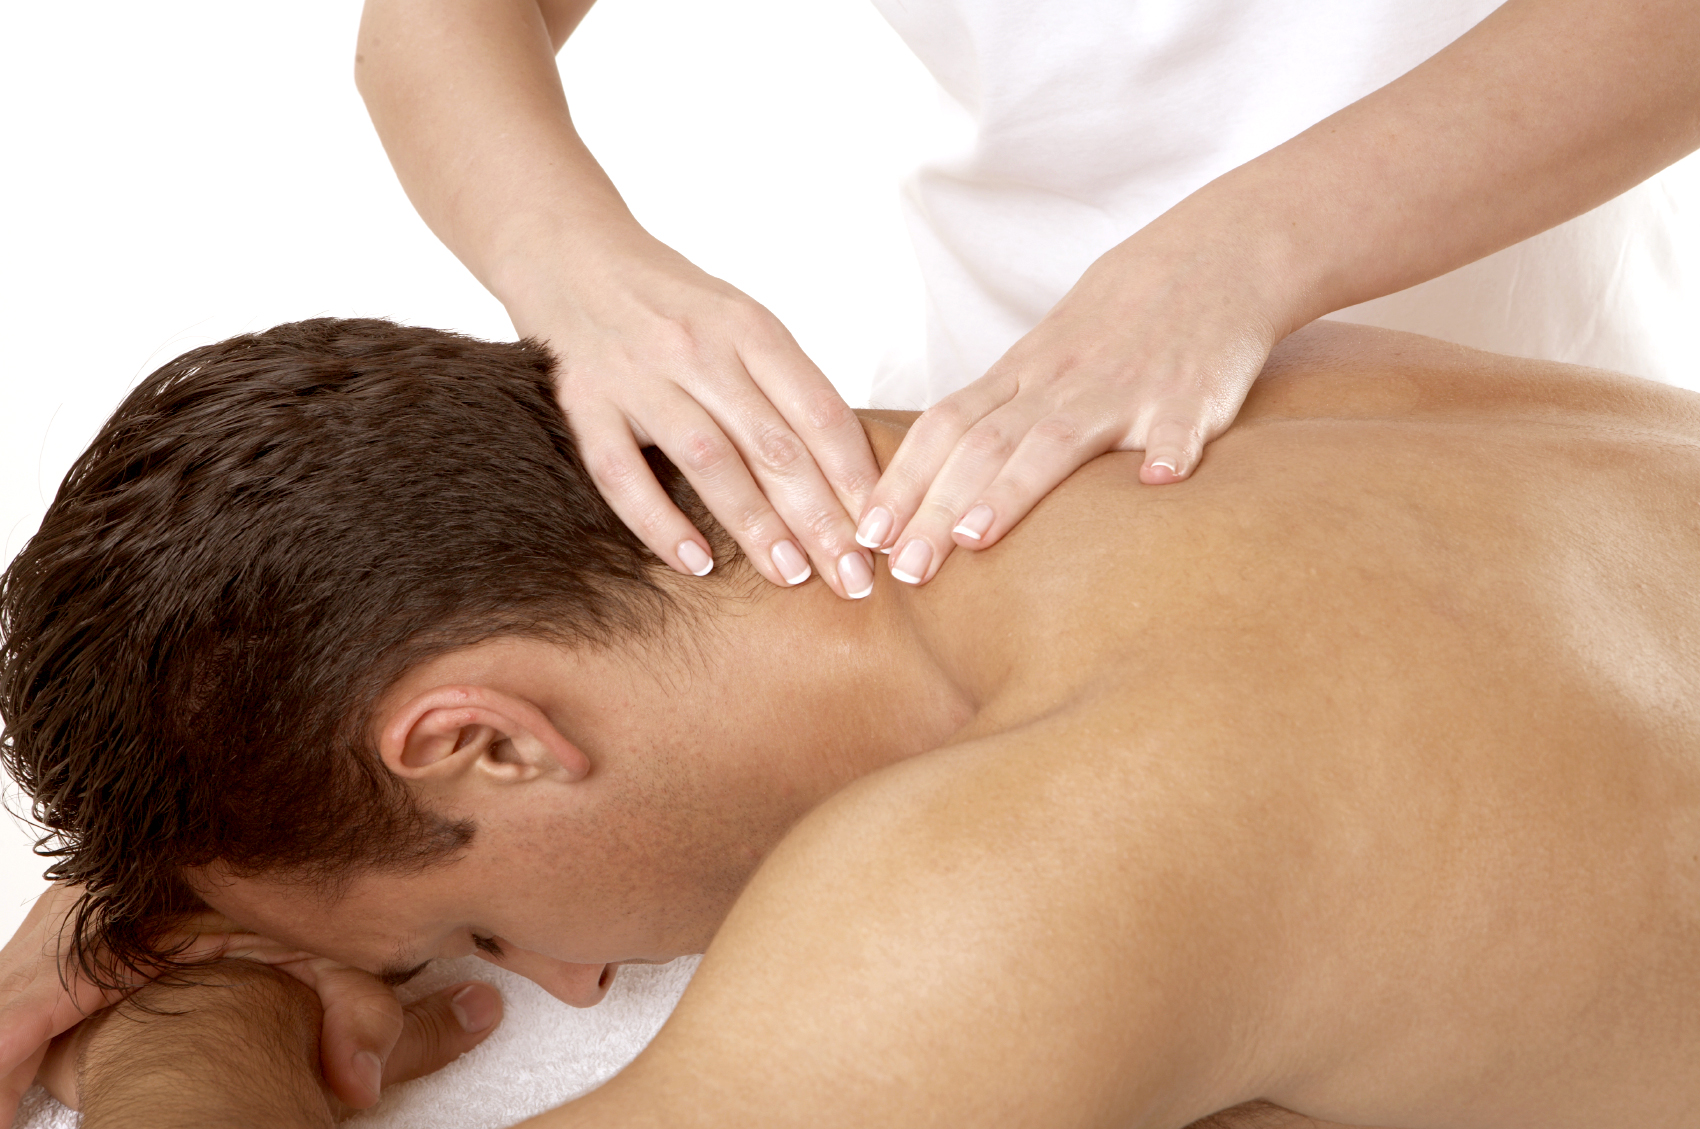 Фото самого больного массажа фото 15 фотография